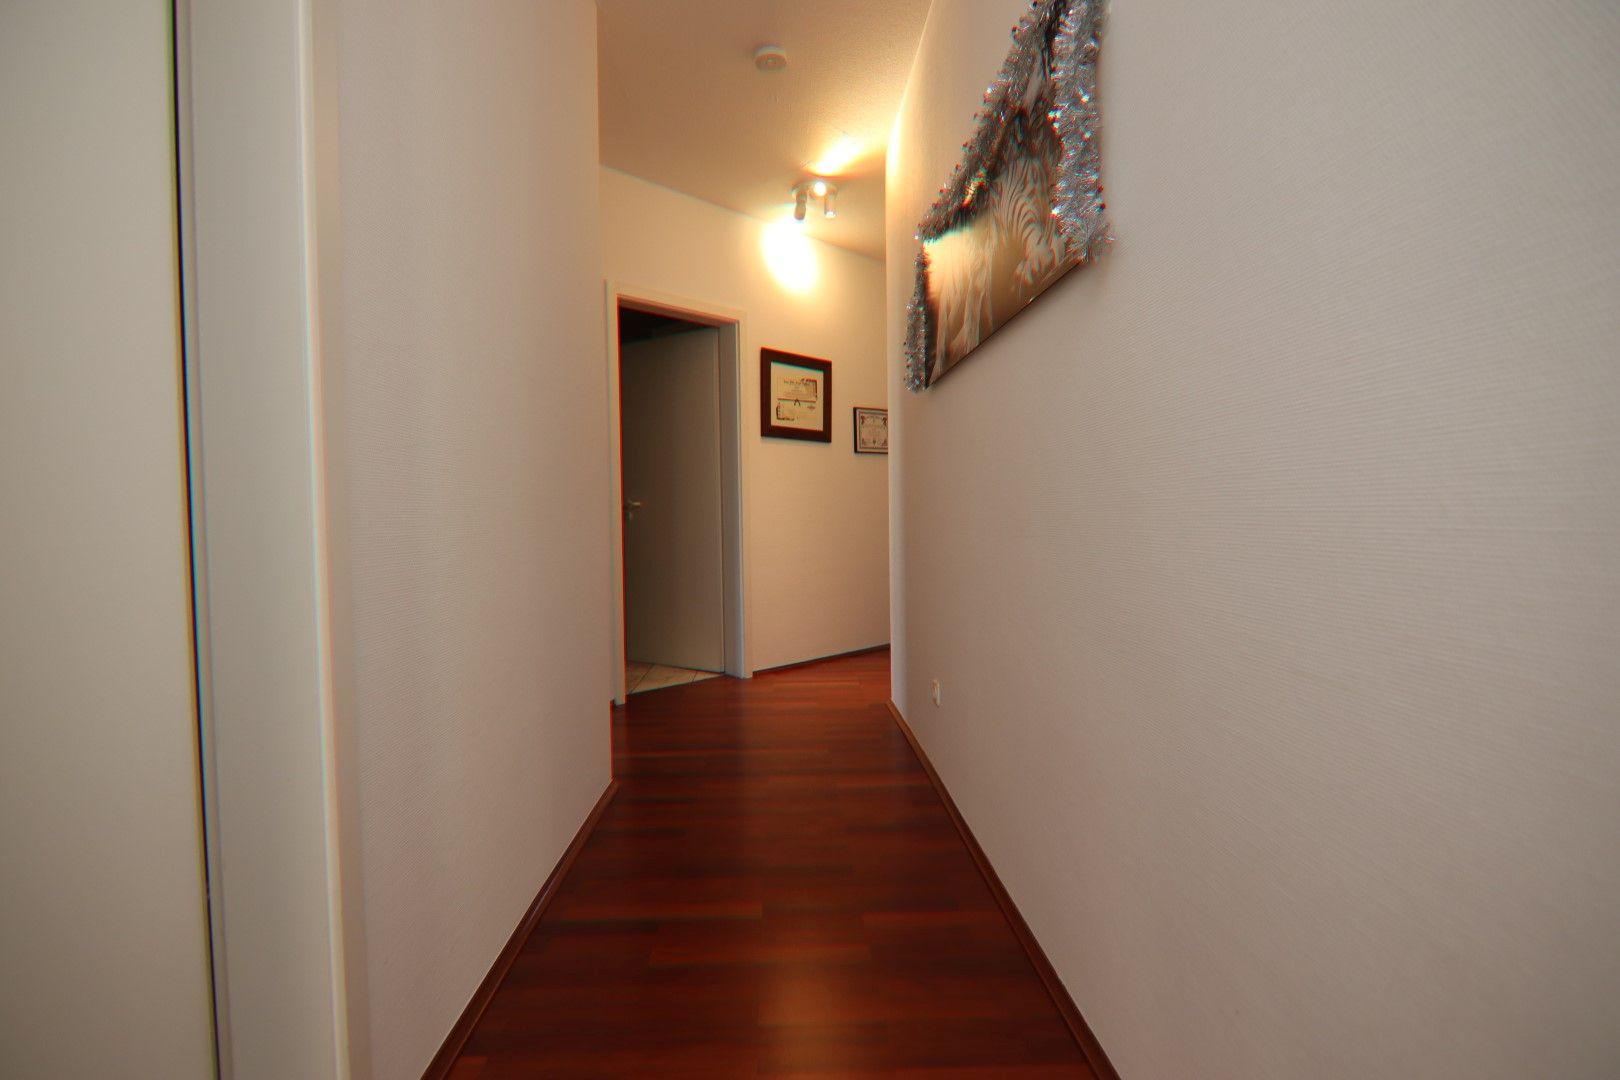 Immobilie Nr.0275 - 4-Raum-Deluxe-Wohnung mit Aufzug, Dachterrasse u. Garage - Bild 10.jpg